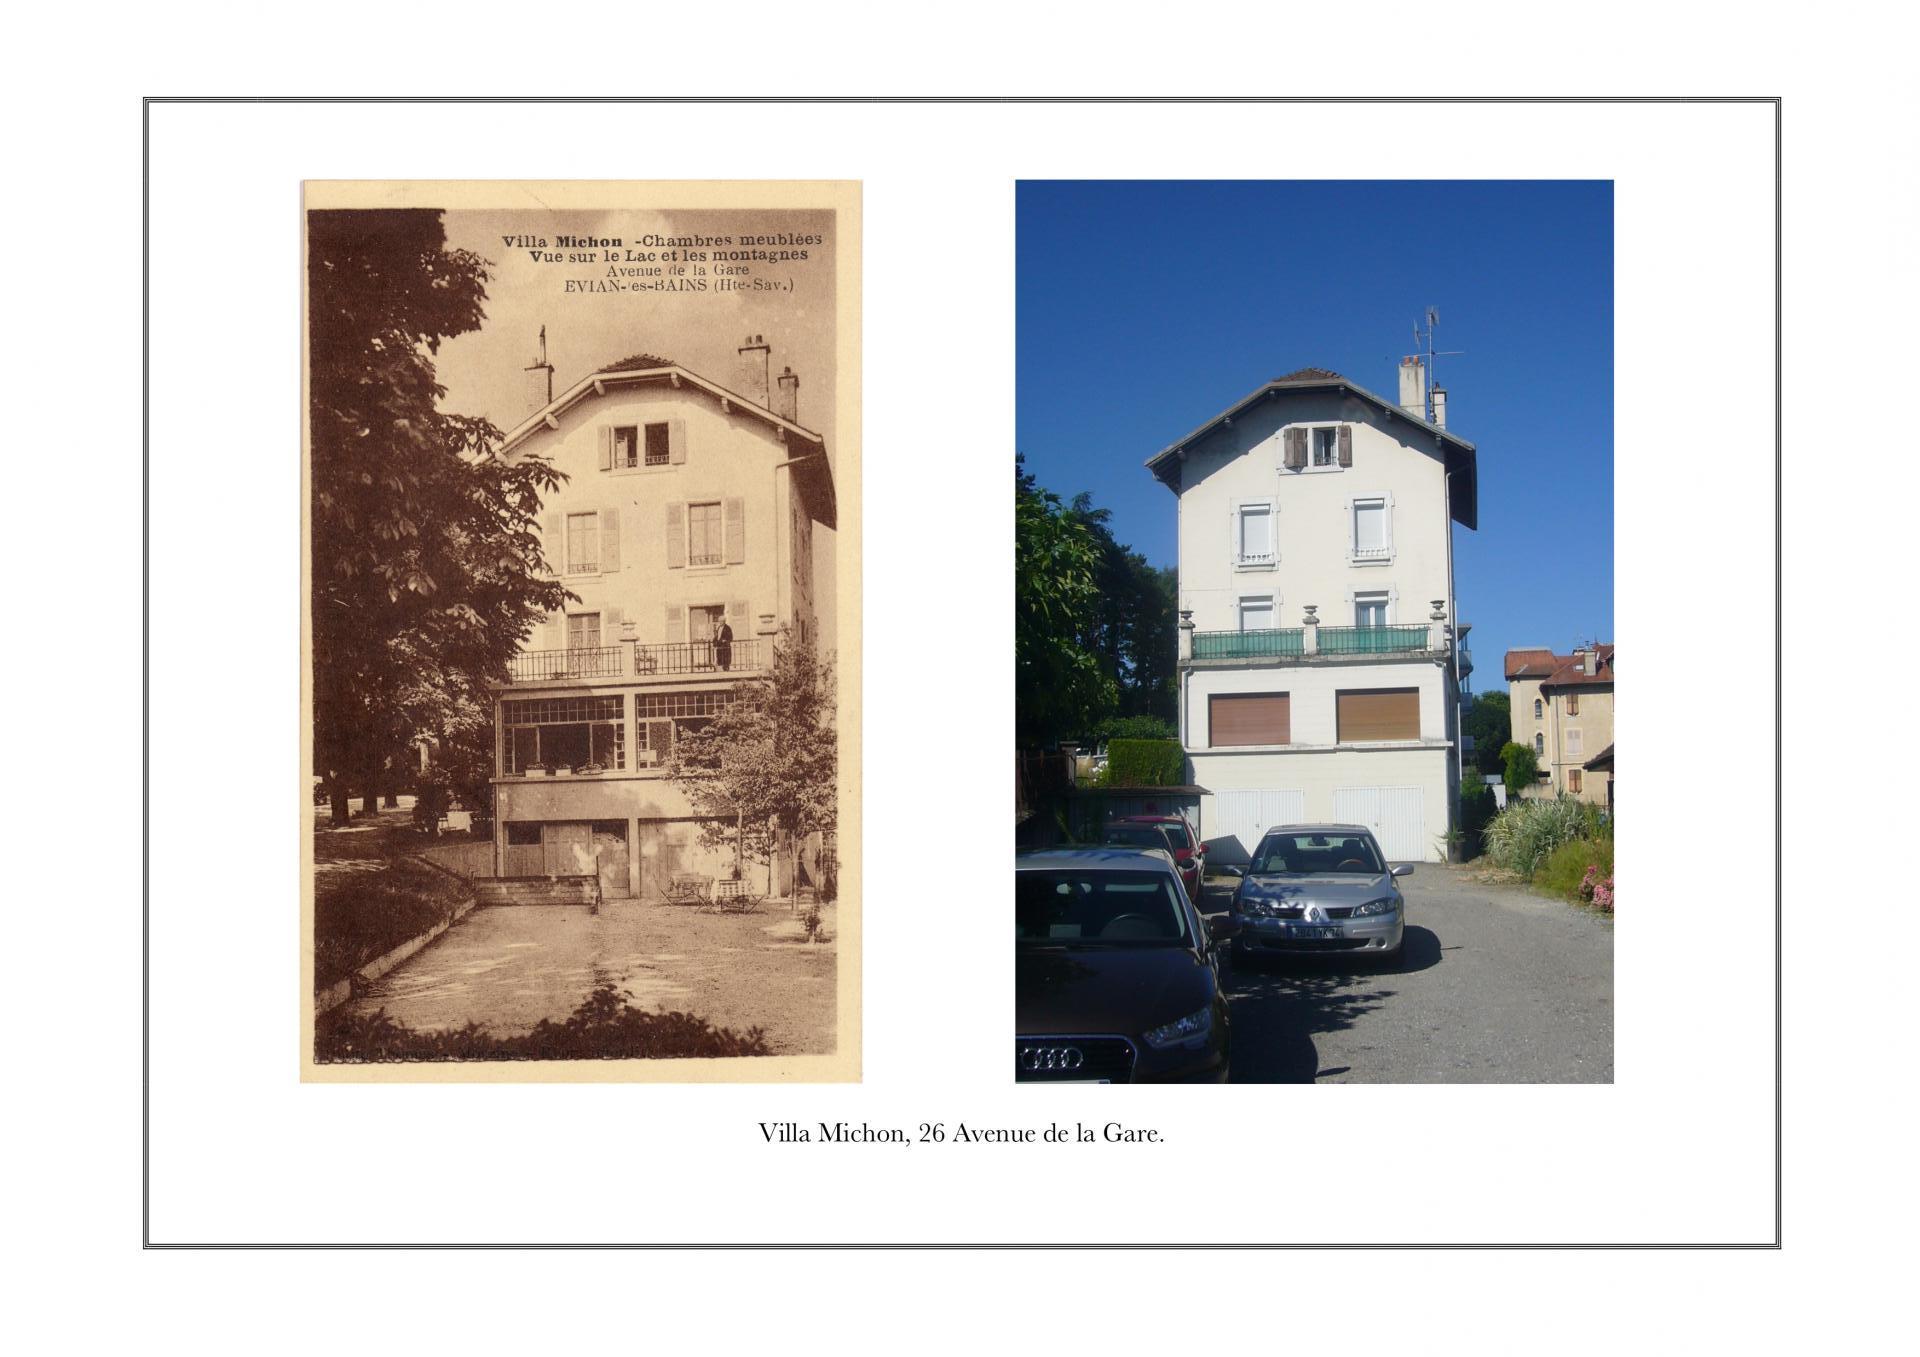 Villa Michon, 26 avenue de la Gare